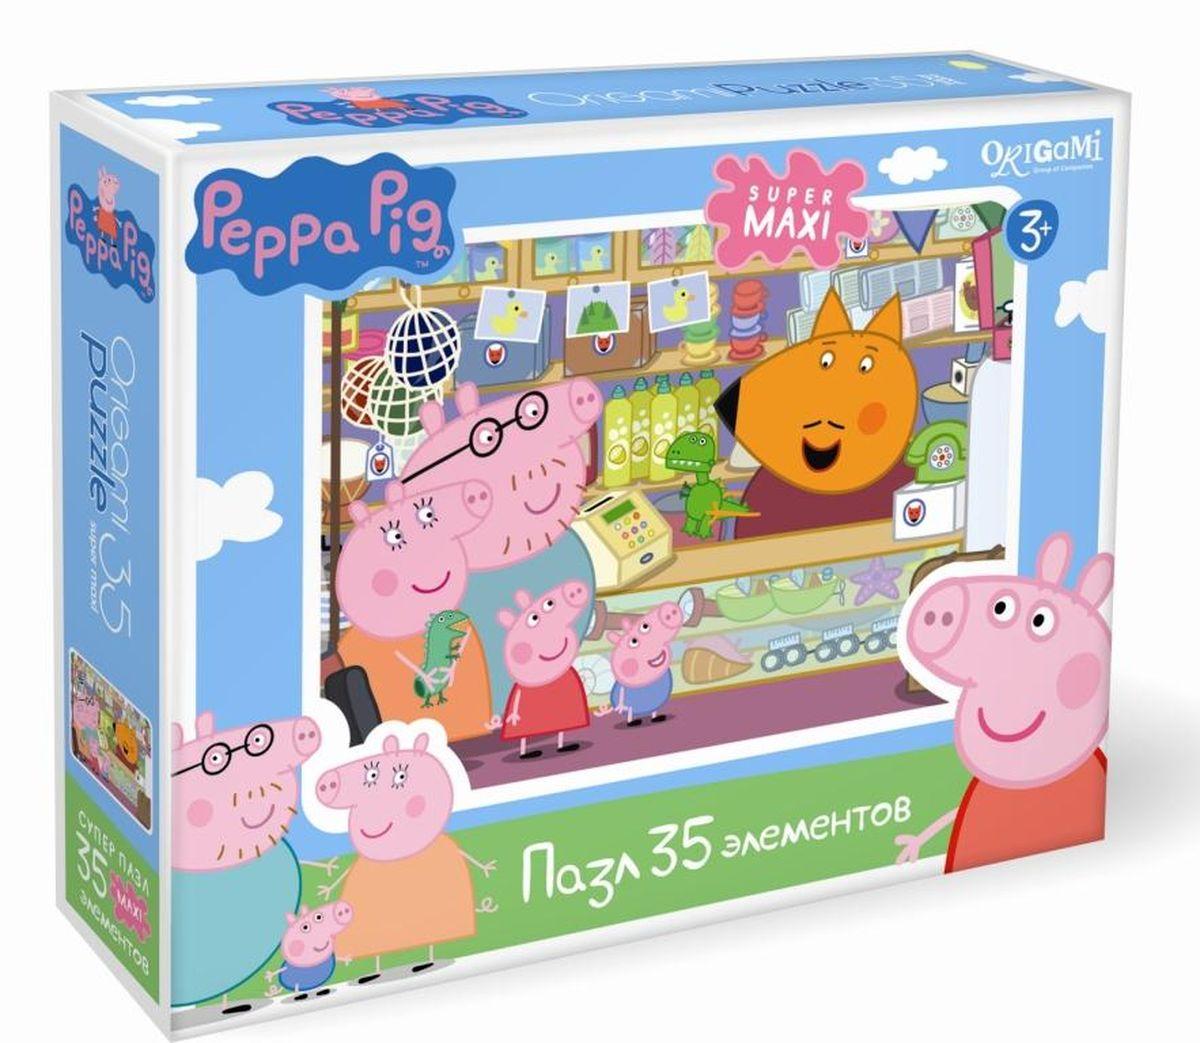 Оригами Пазл для малышей Peppa Pig Сувенирная лавка пазл 4 в 1 peppa pig транспорт 01597